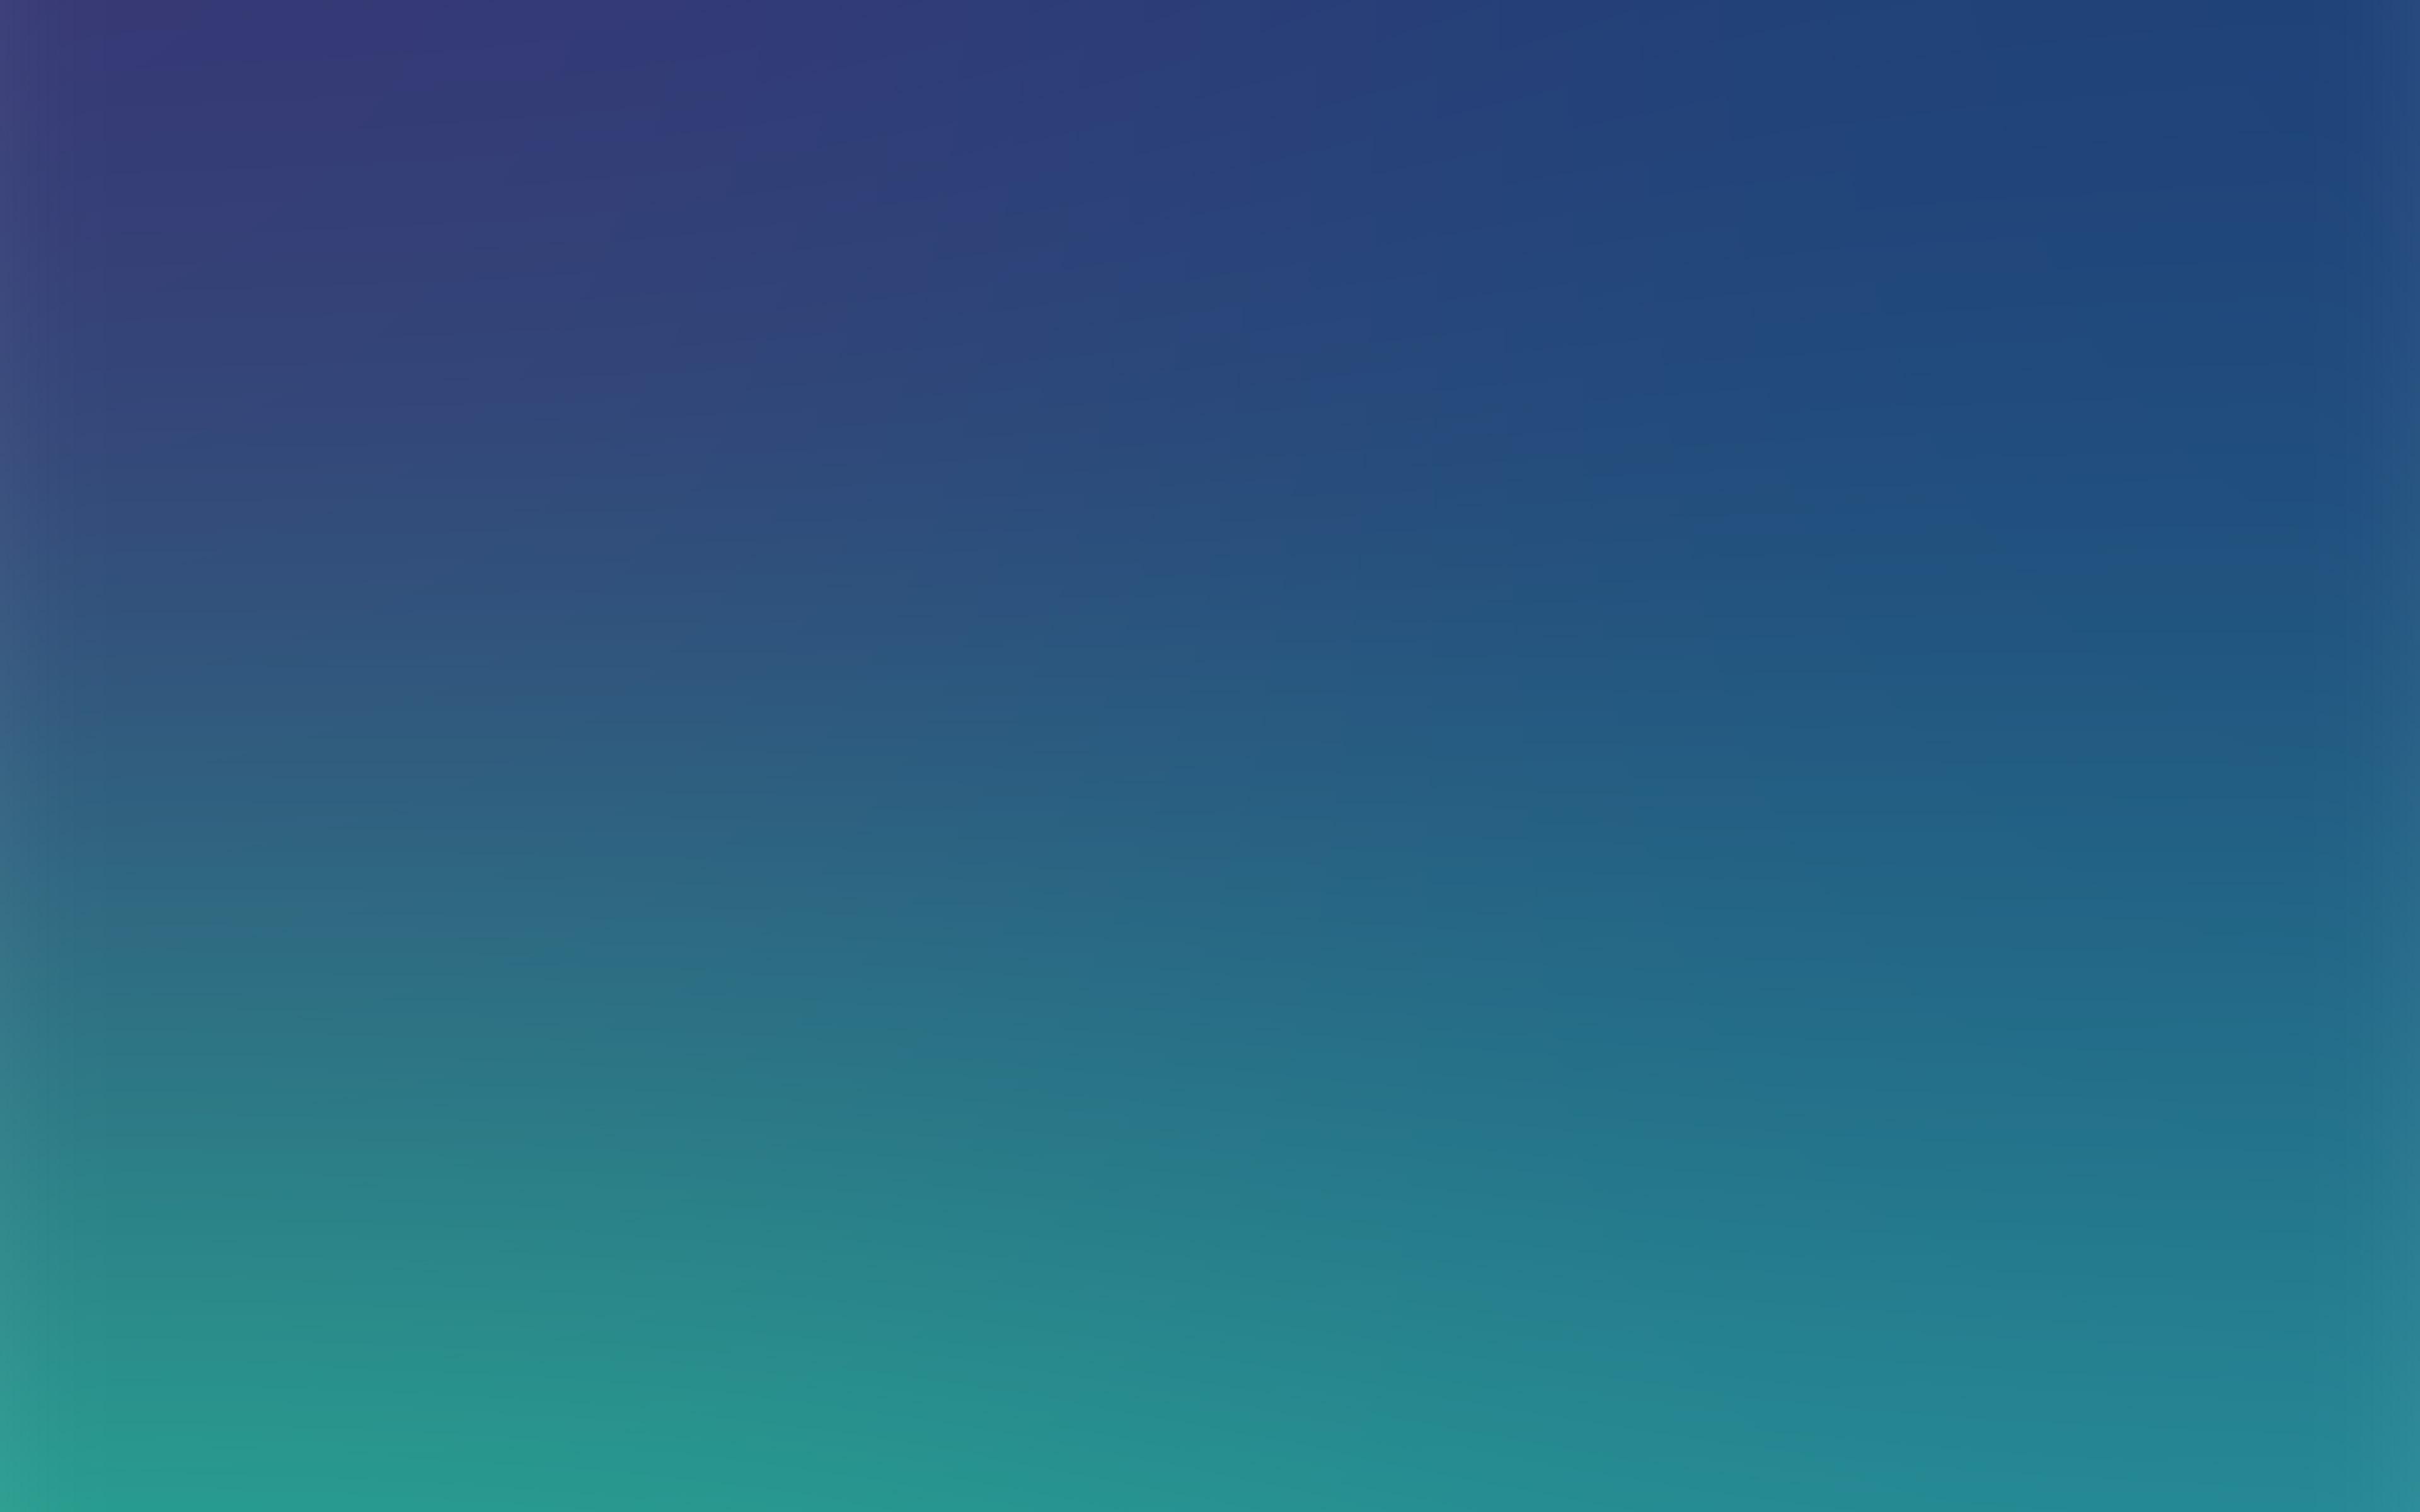 Best Car Wallpapers Batman Sj90 Blue Green Gradation Blur Wallpaper